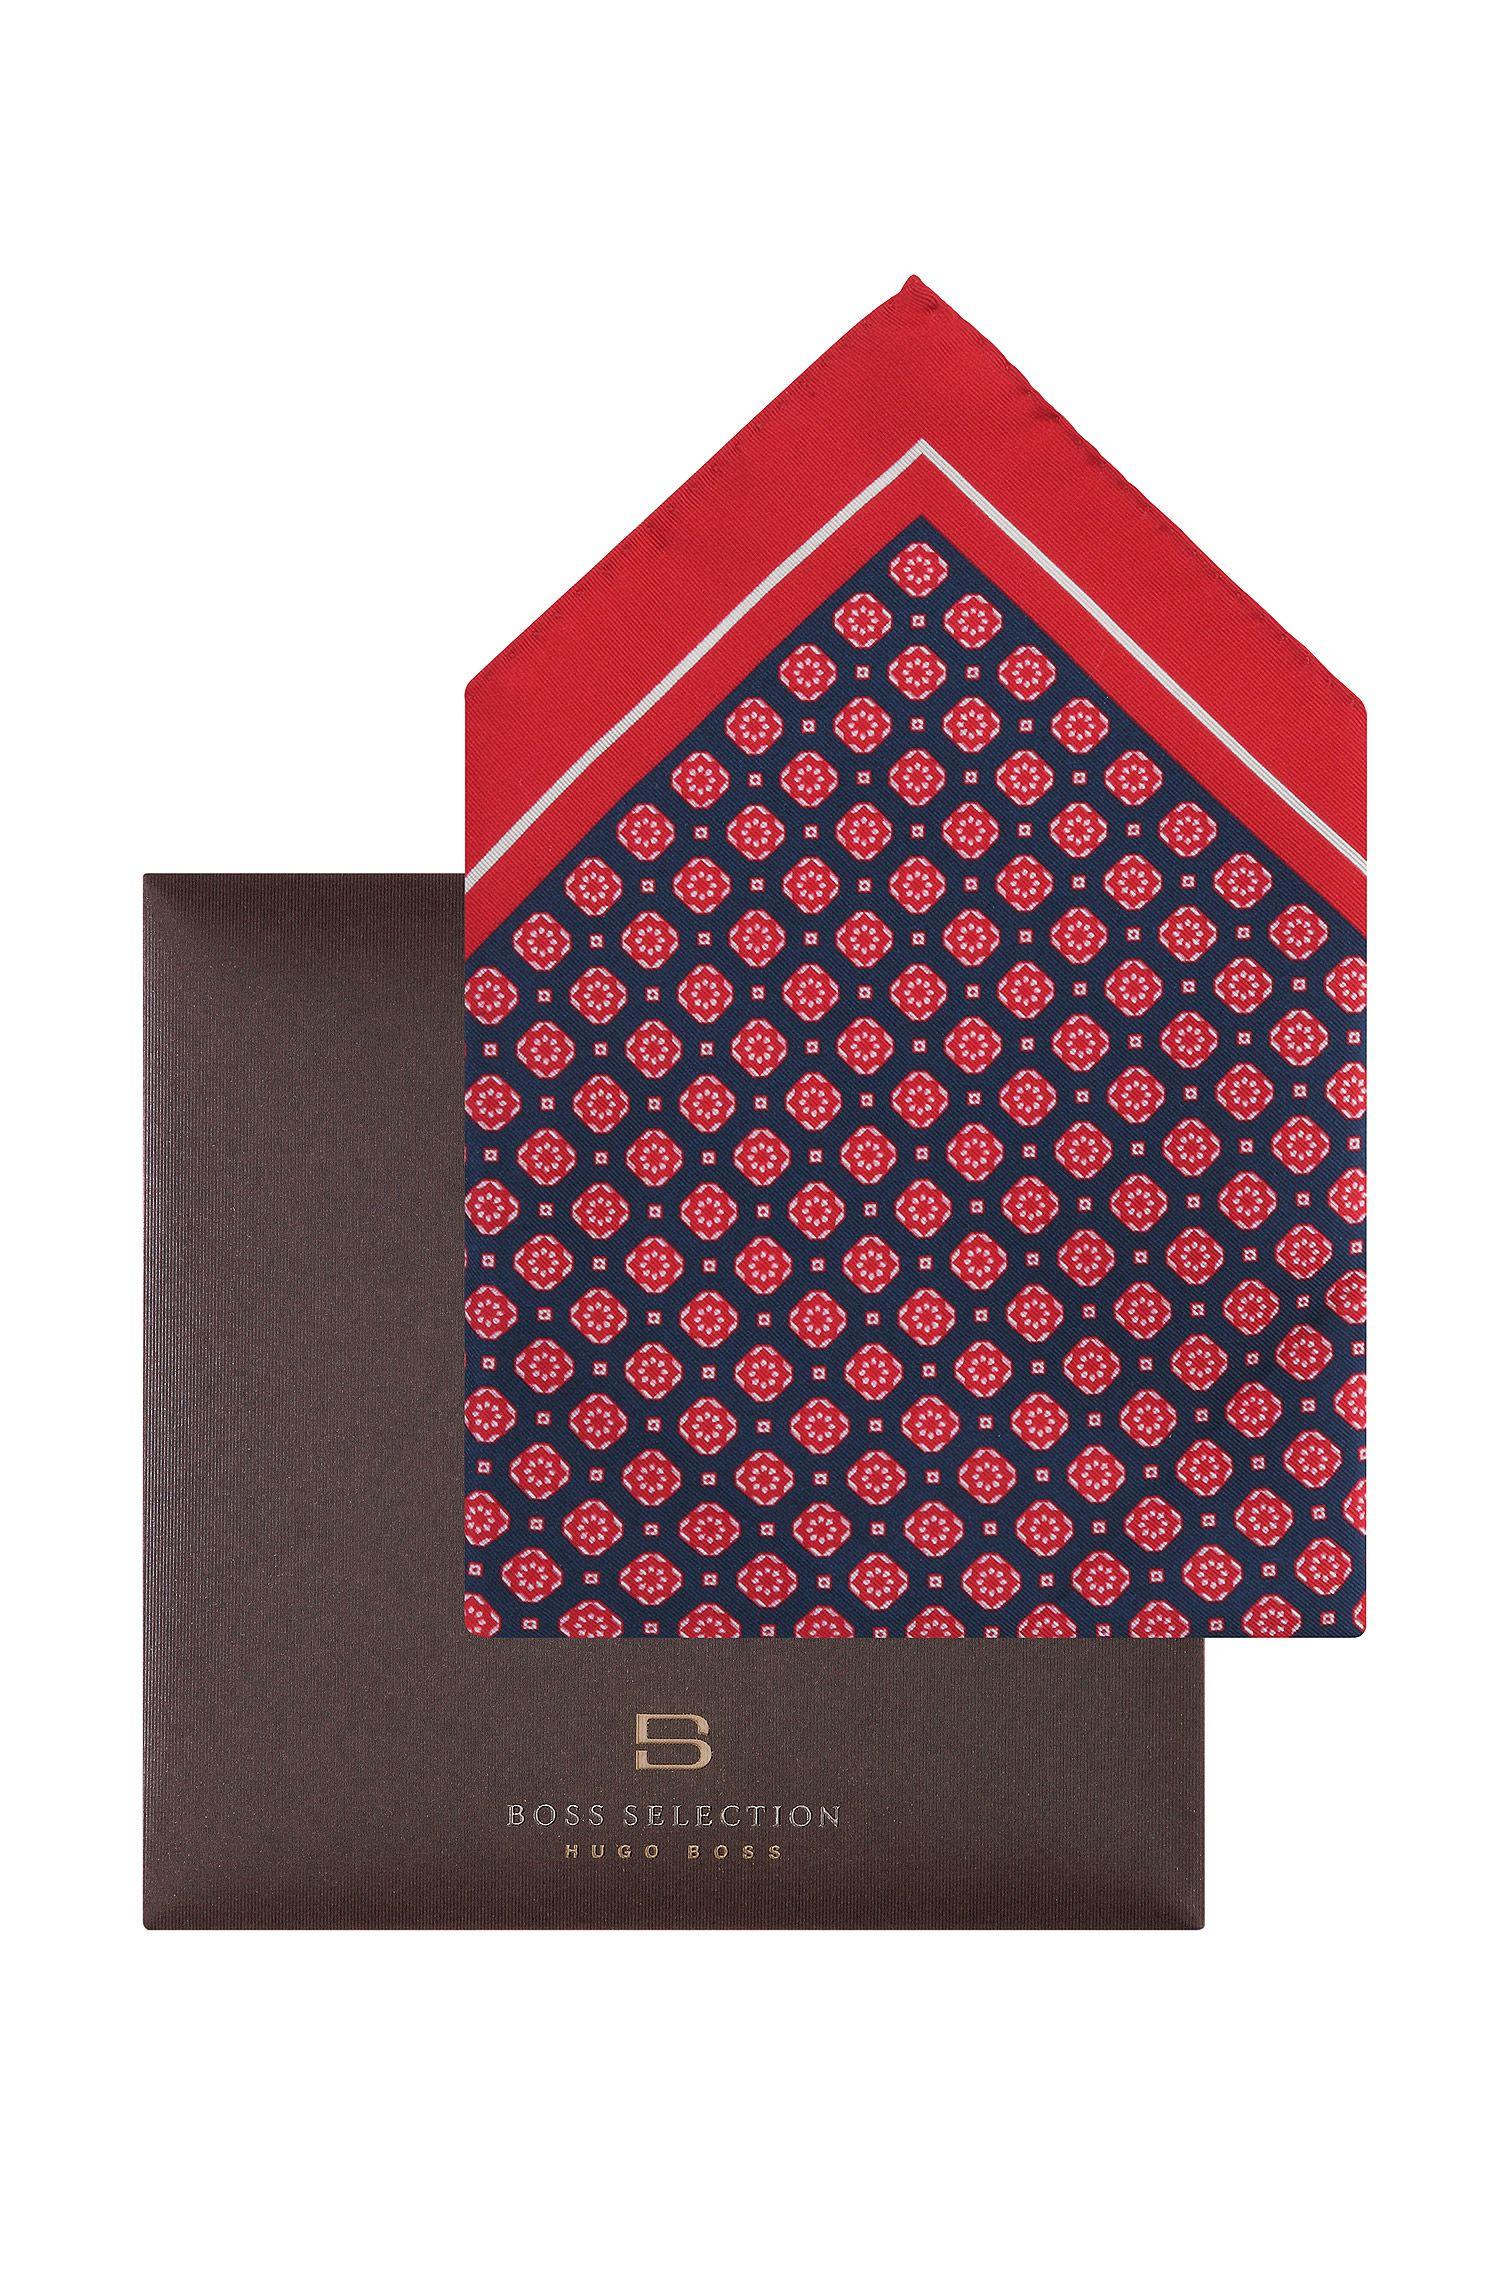 Pochette en soie et coton, Pocket square 33 x 33